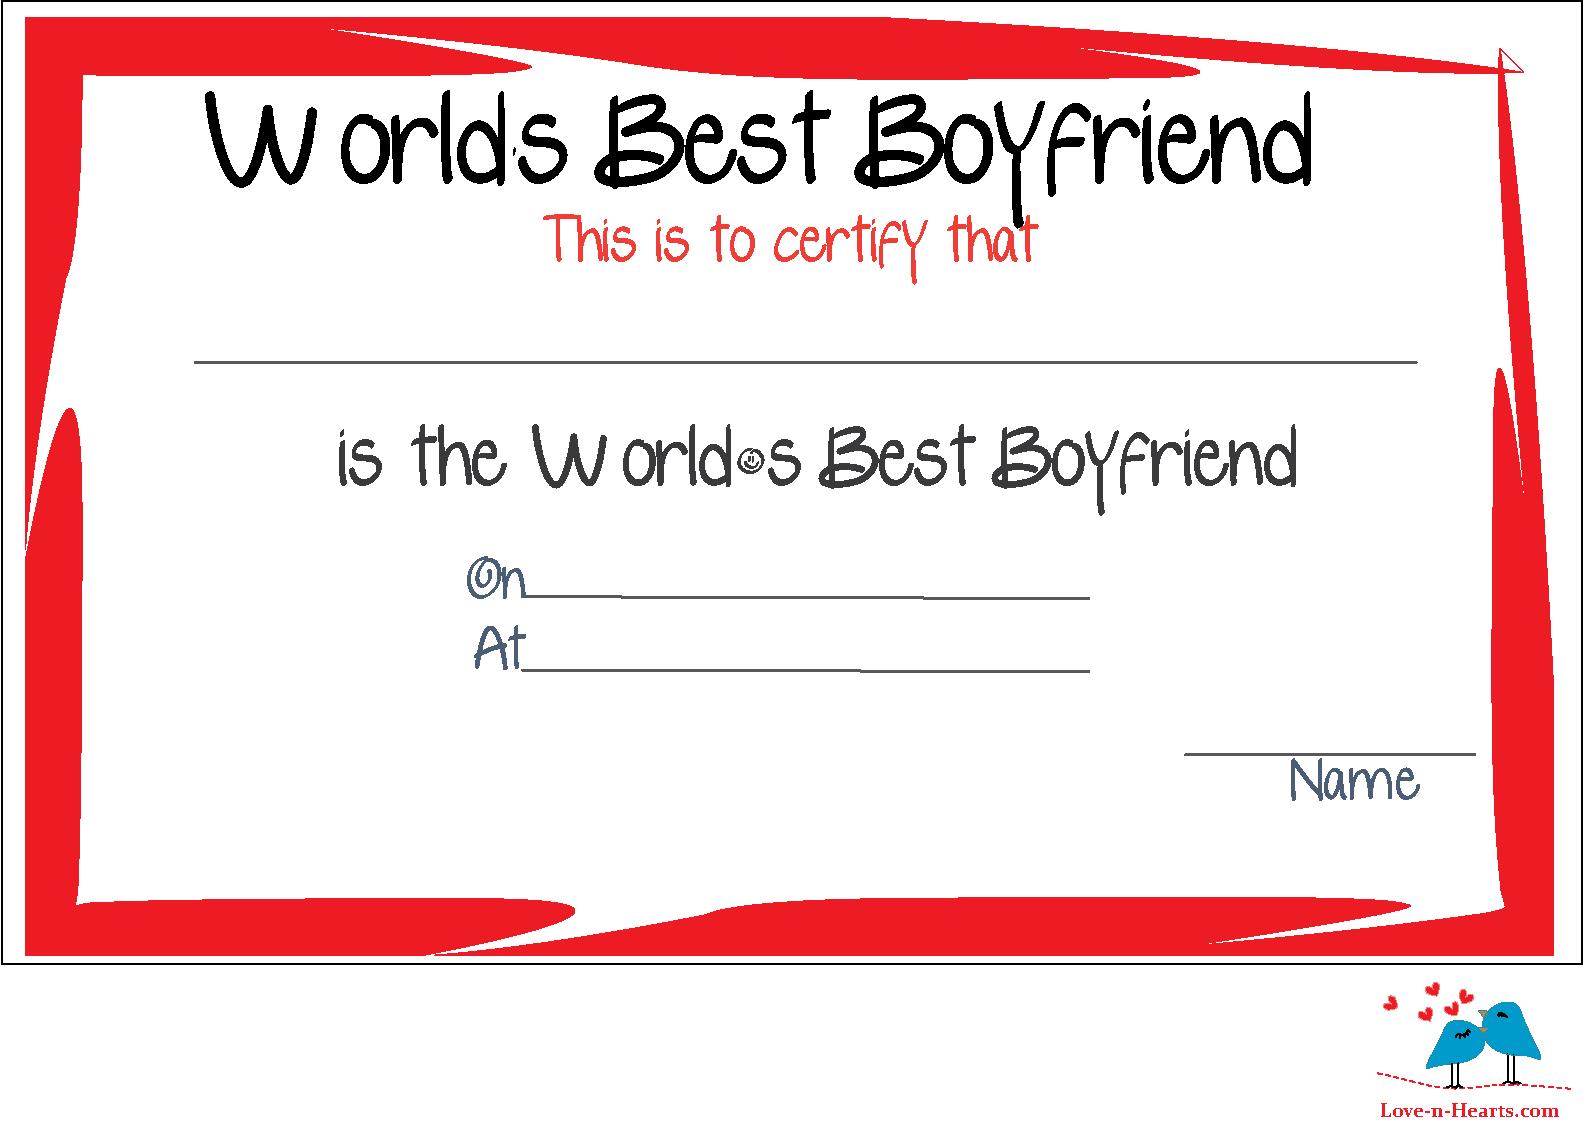 Free Printable World's Best Boyfriend Certificates Within Free Printable Funny Certificate Templates